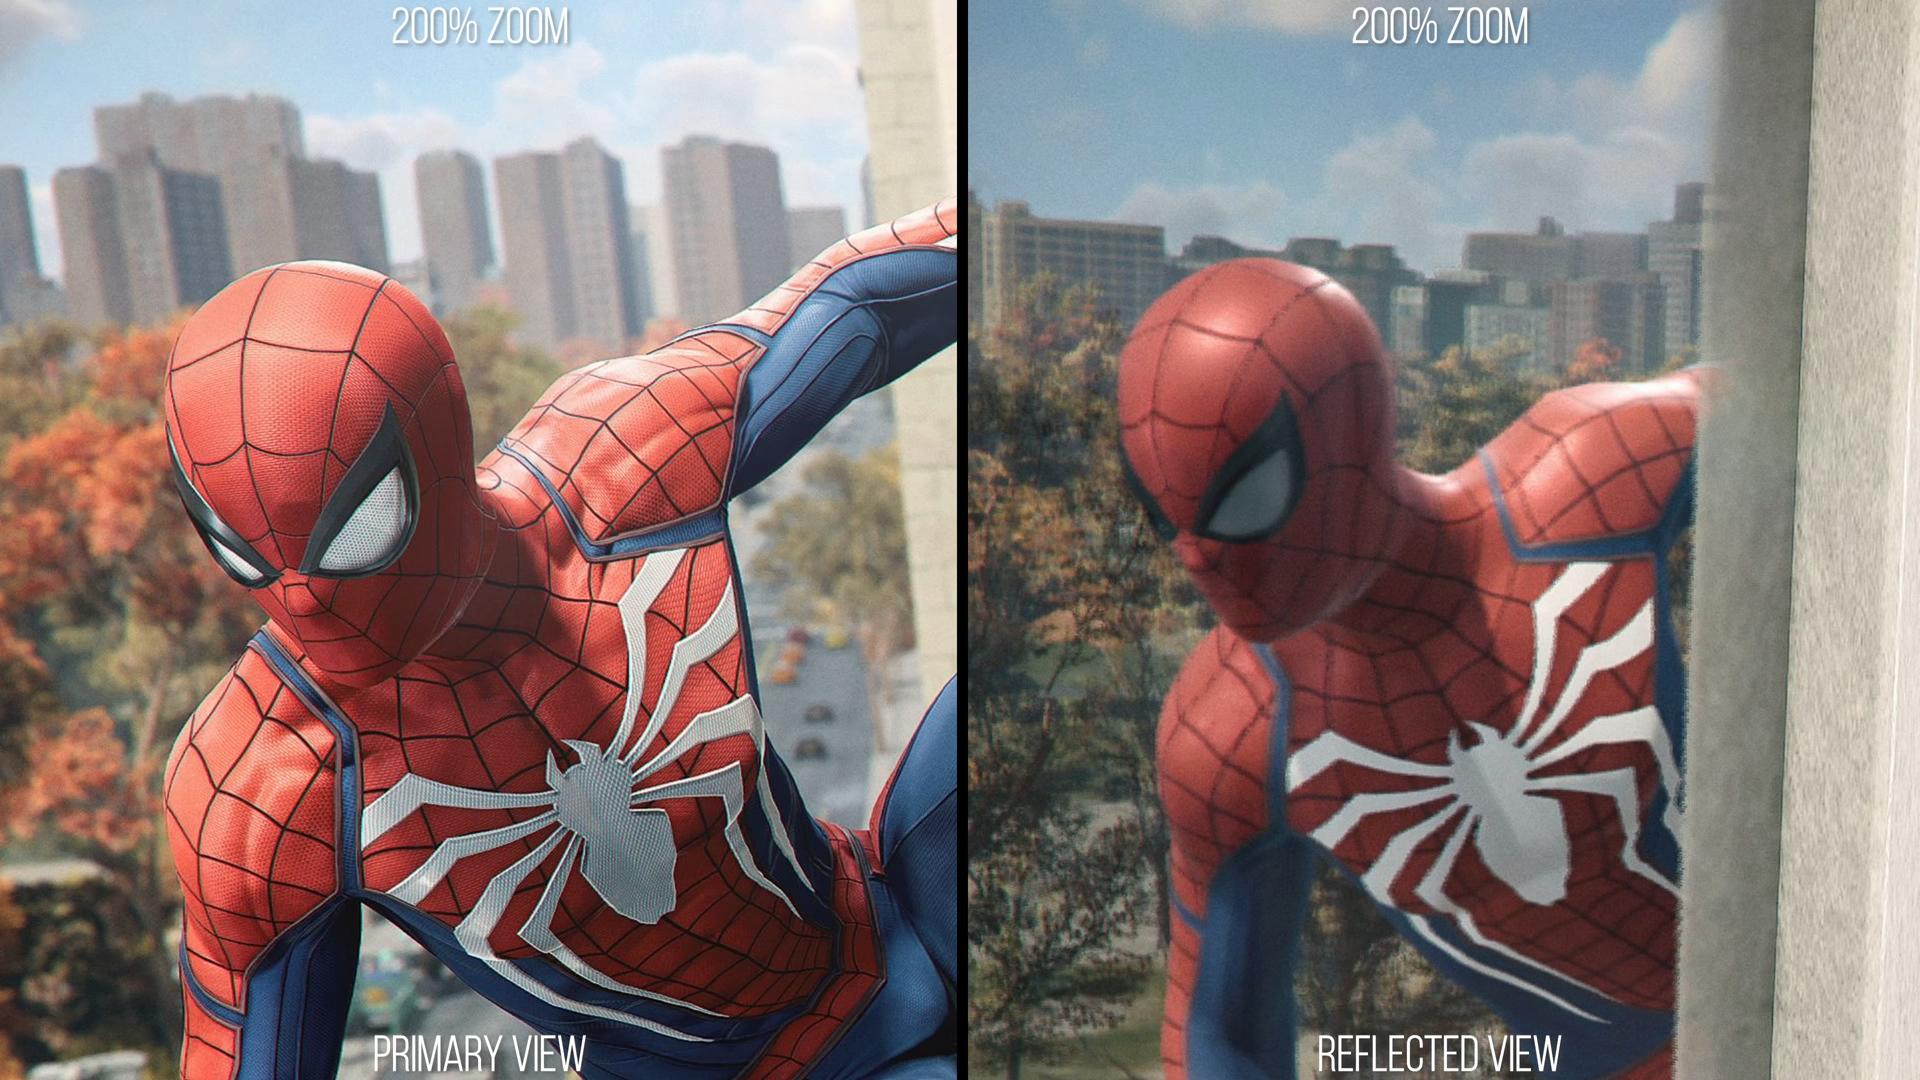 Проблемы рейтрейсинга в играх нового поколения: анализ трассировки лучей в ремастере Marvel's Spider-Man - 14